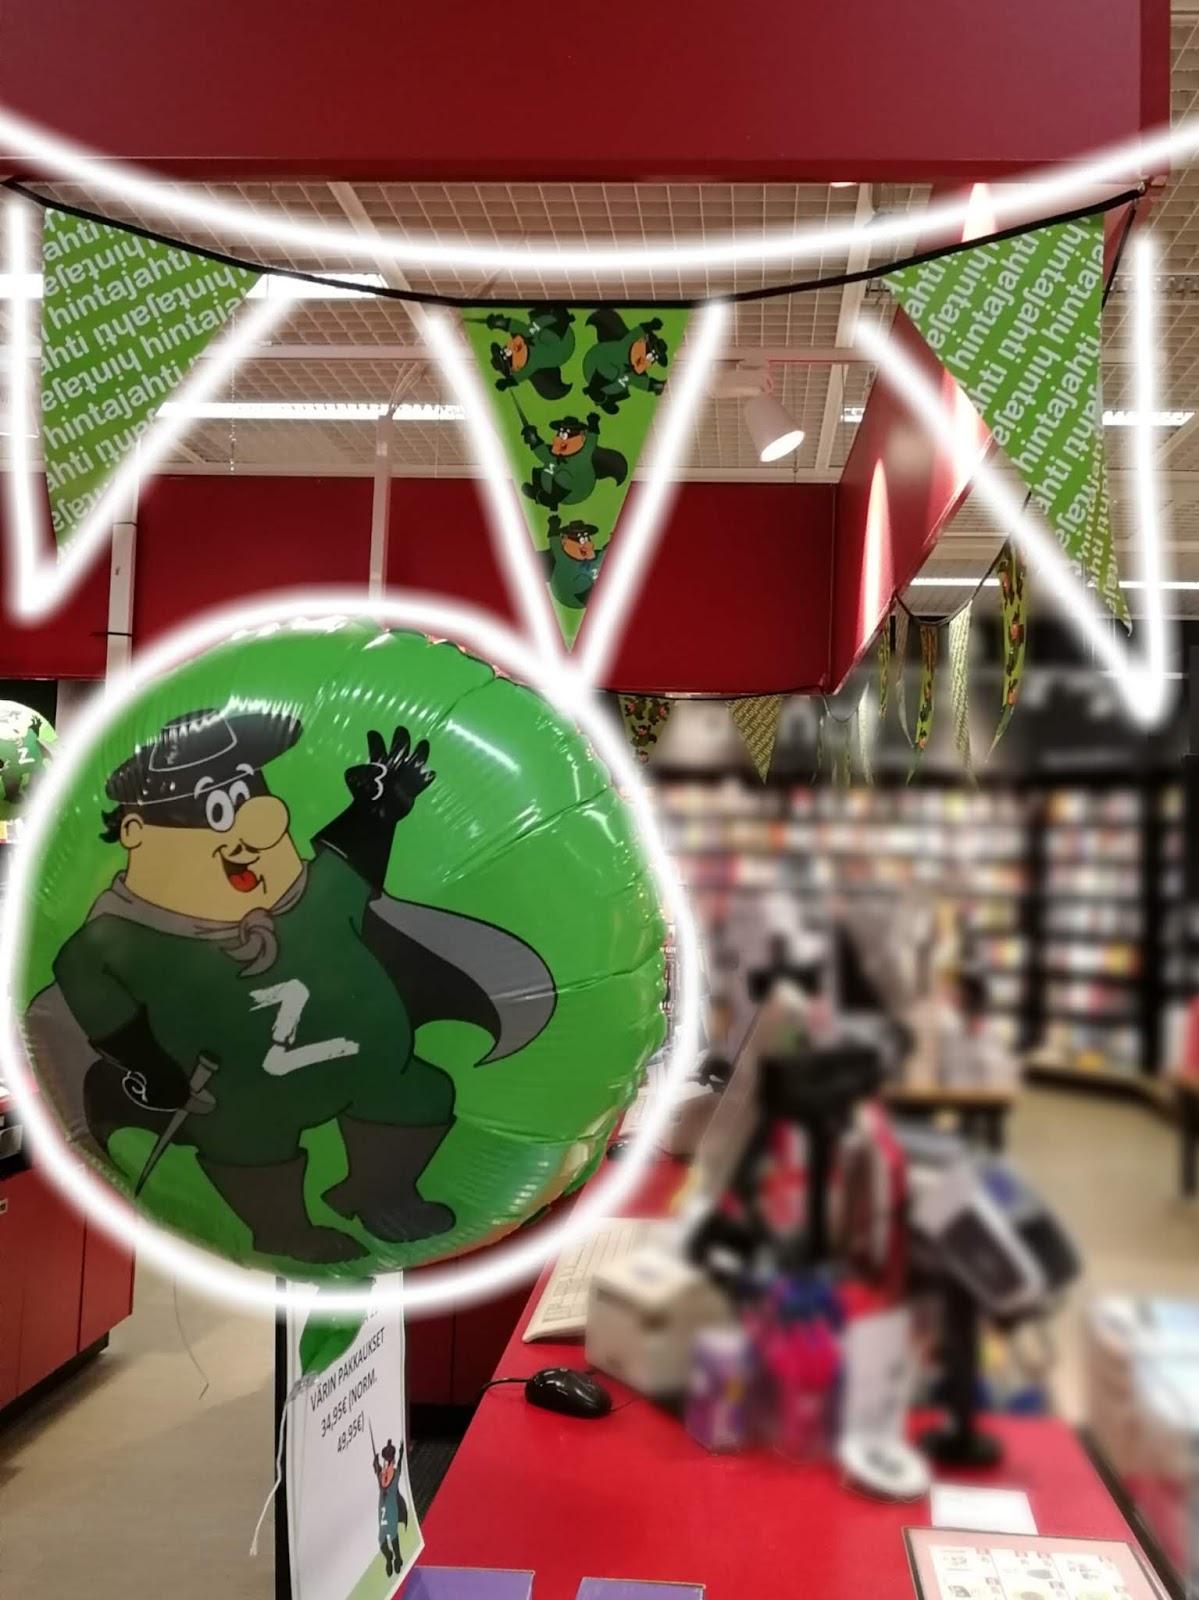 hinta jahti suomalainen kirjakauppa plaza viiri ilmapallo